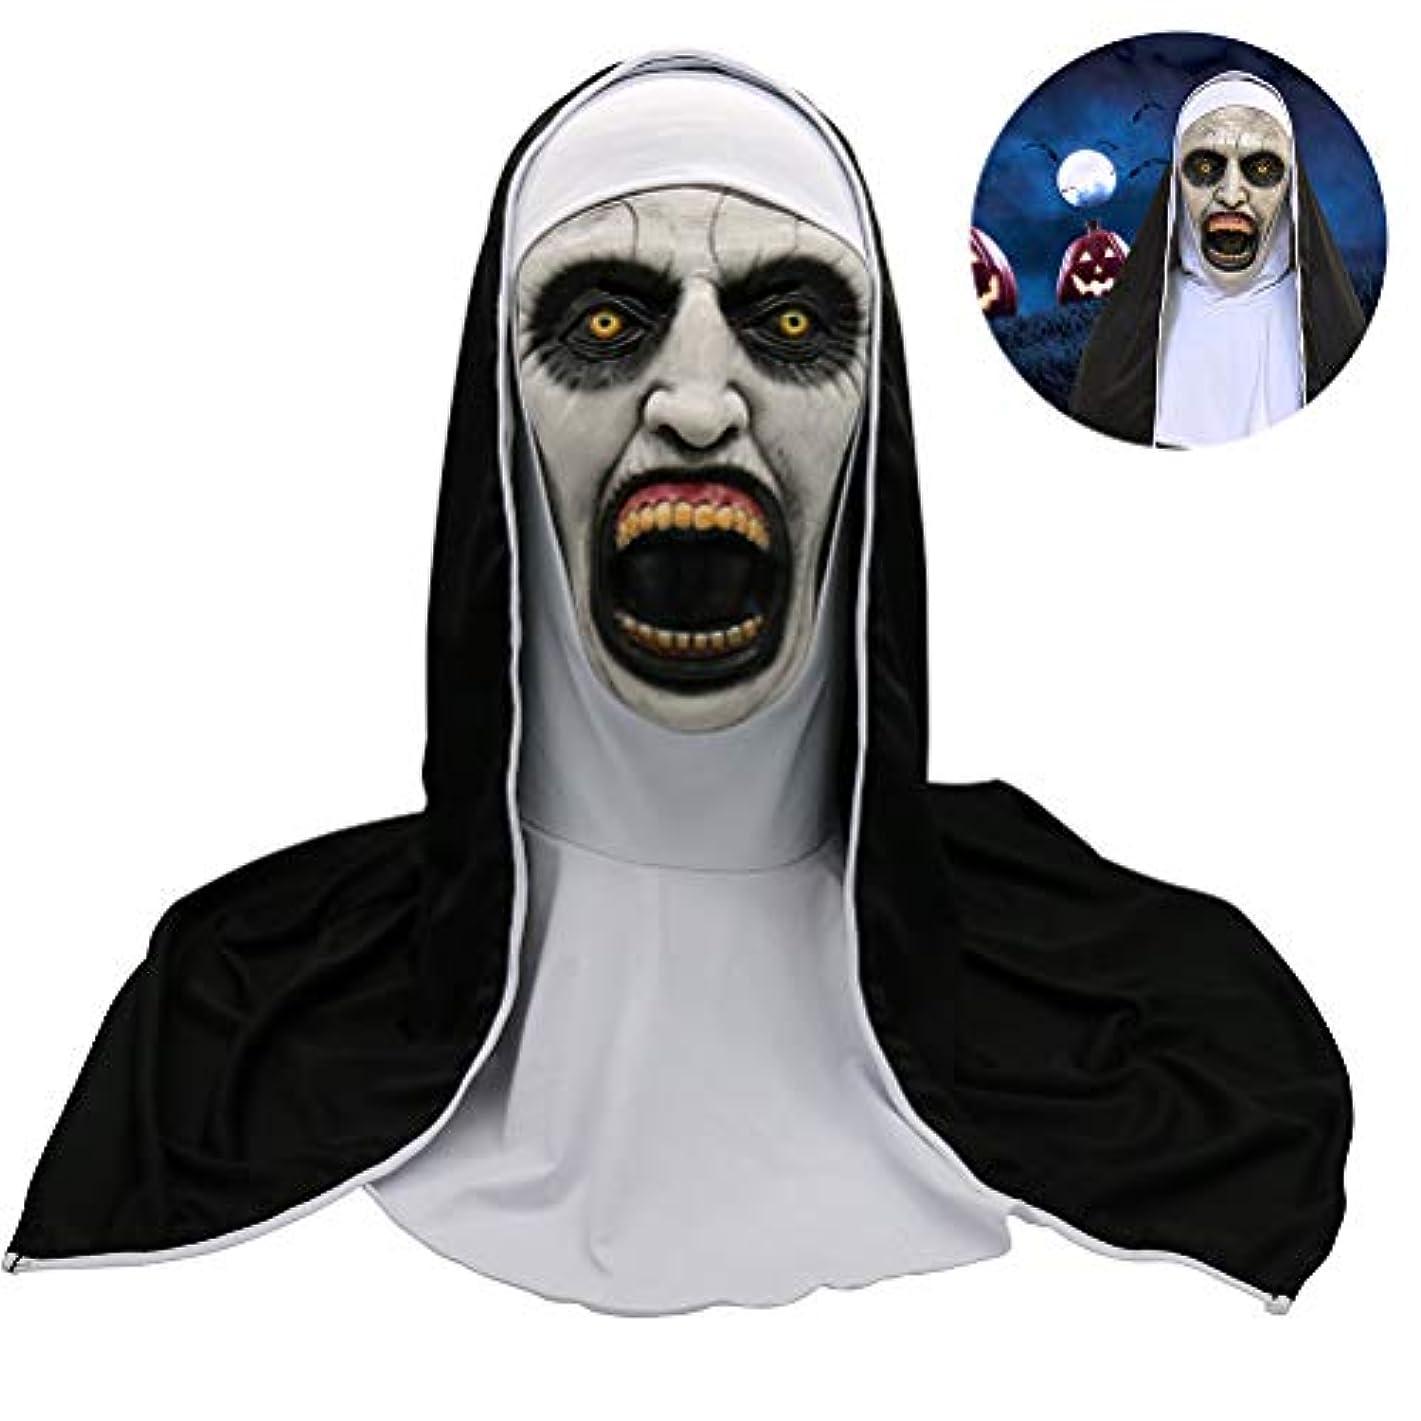 適用済み延期する最悪BSTOPSEL ハロウィン修道女ホラーマスクコスプレ怖いラテックスマスク付きスカーフフルフェイスヘルメットハロウィンパーティーの小道具